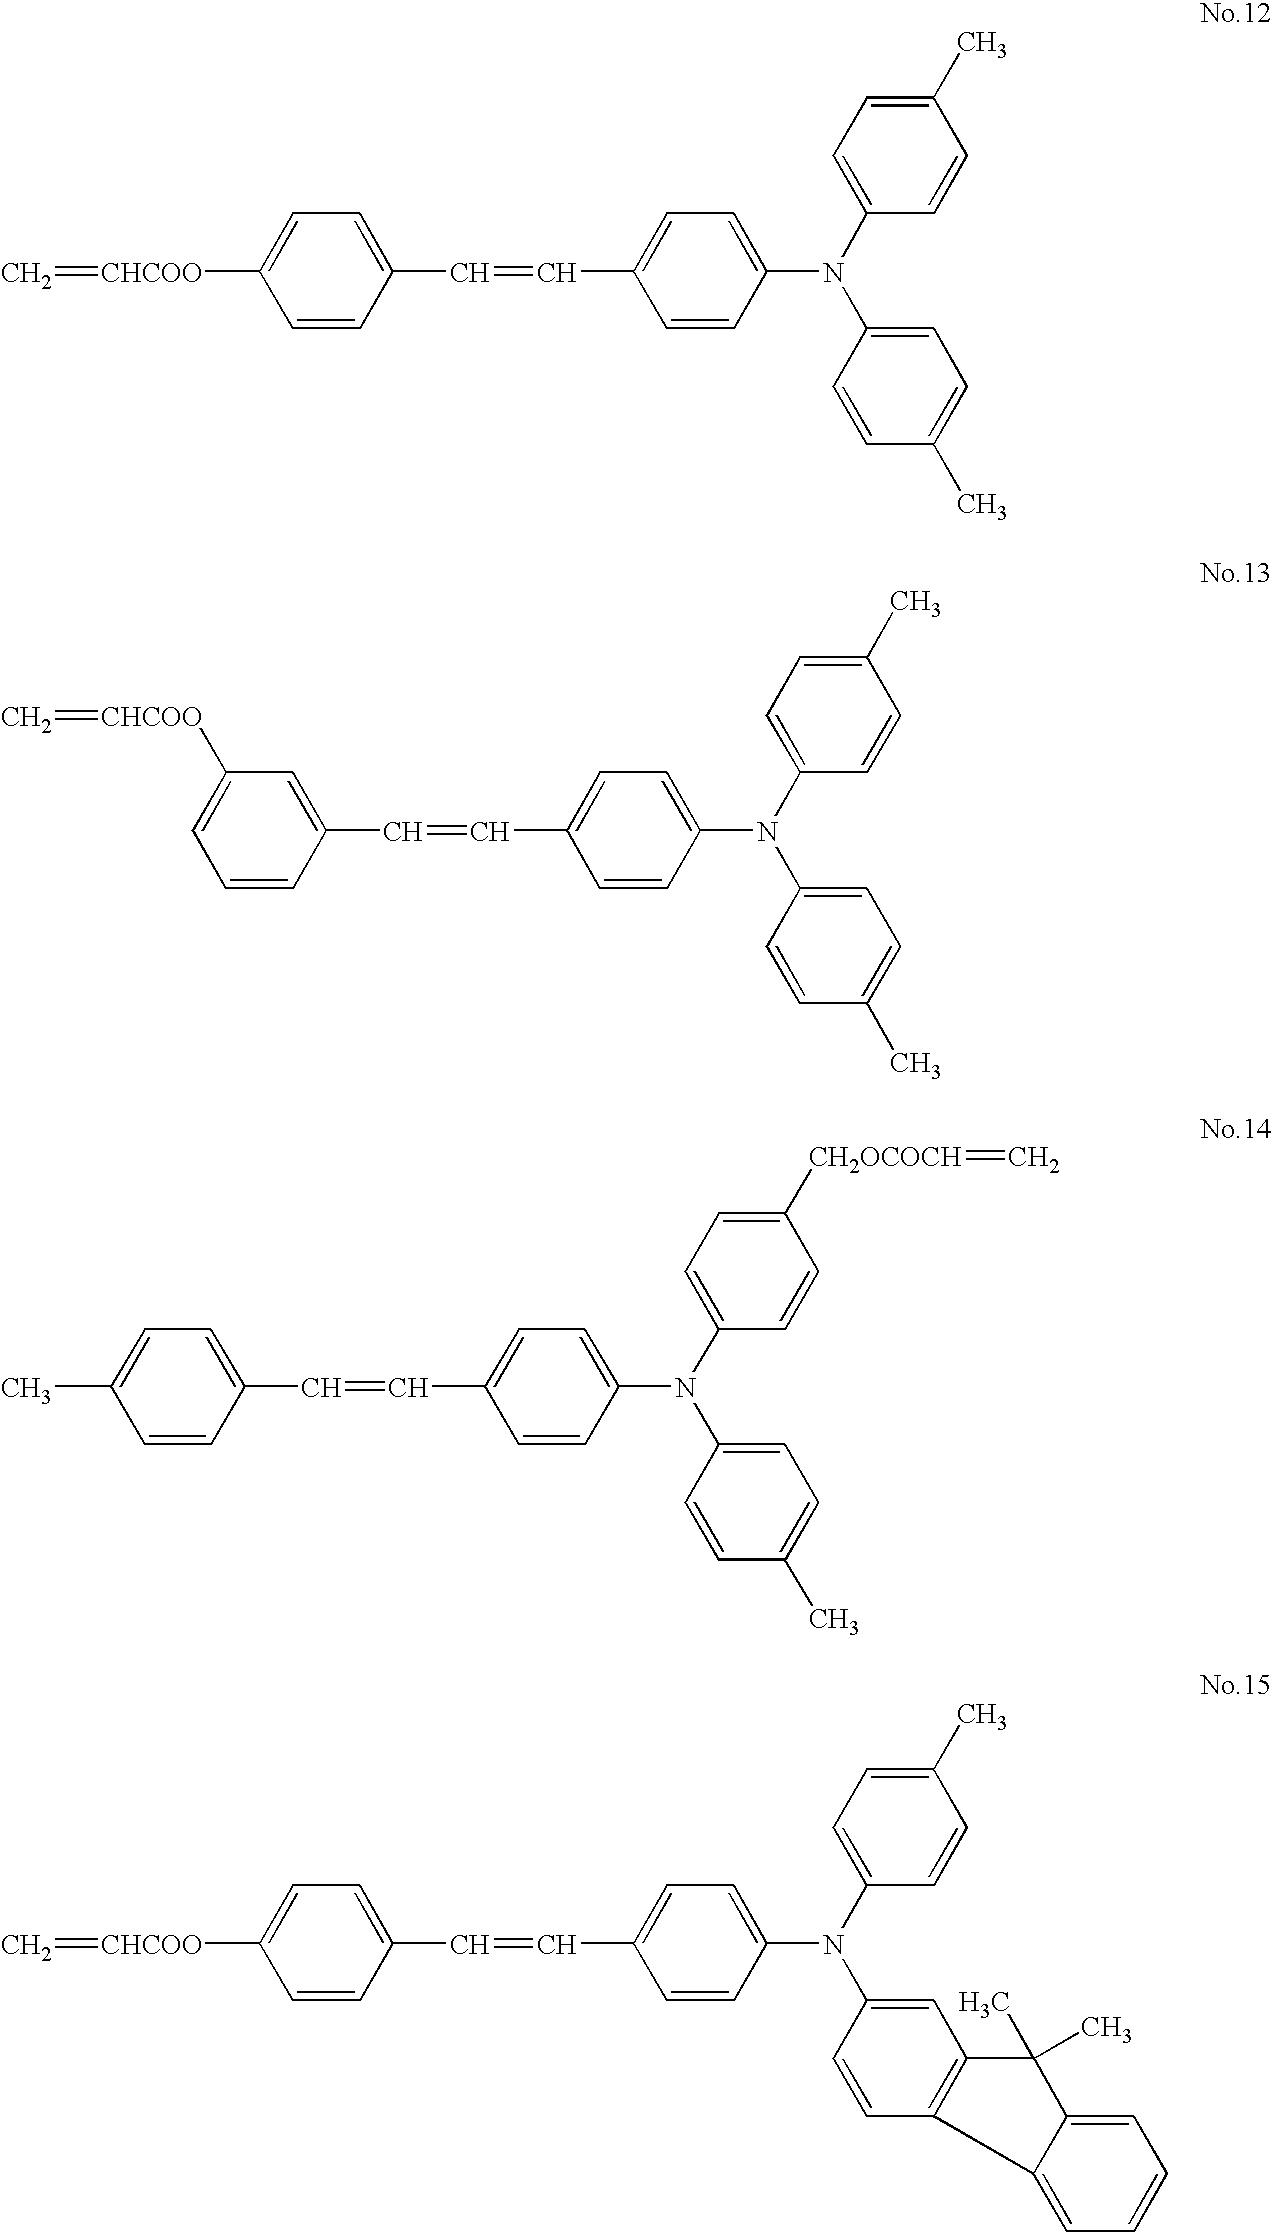 Figure US20060078809A1-20060413-C00008